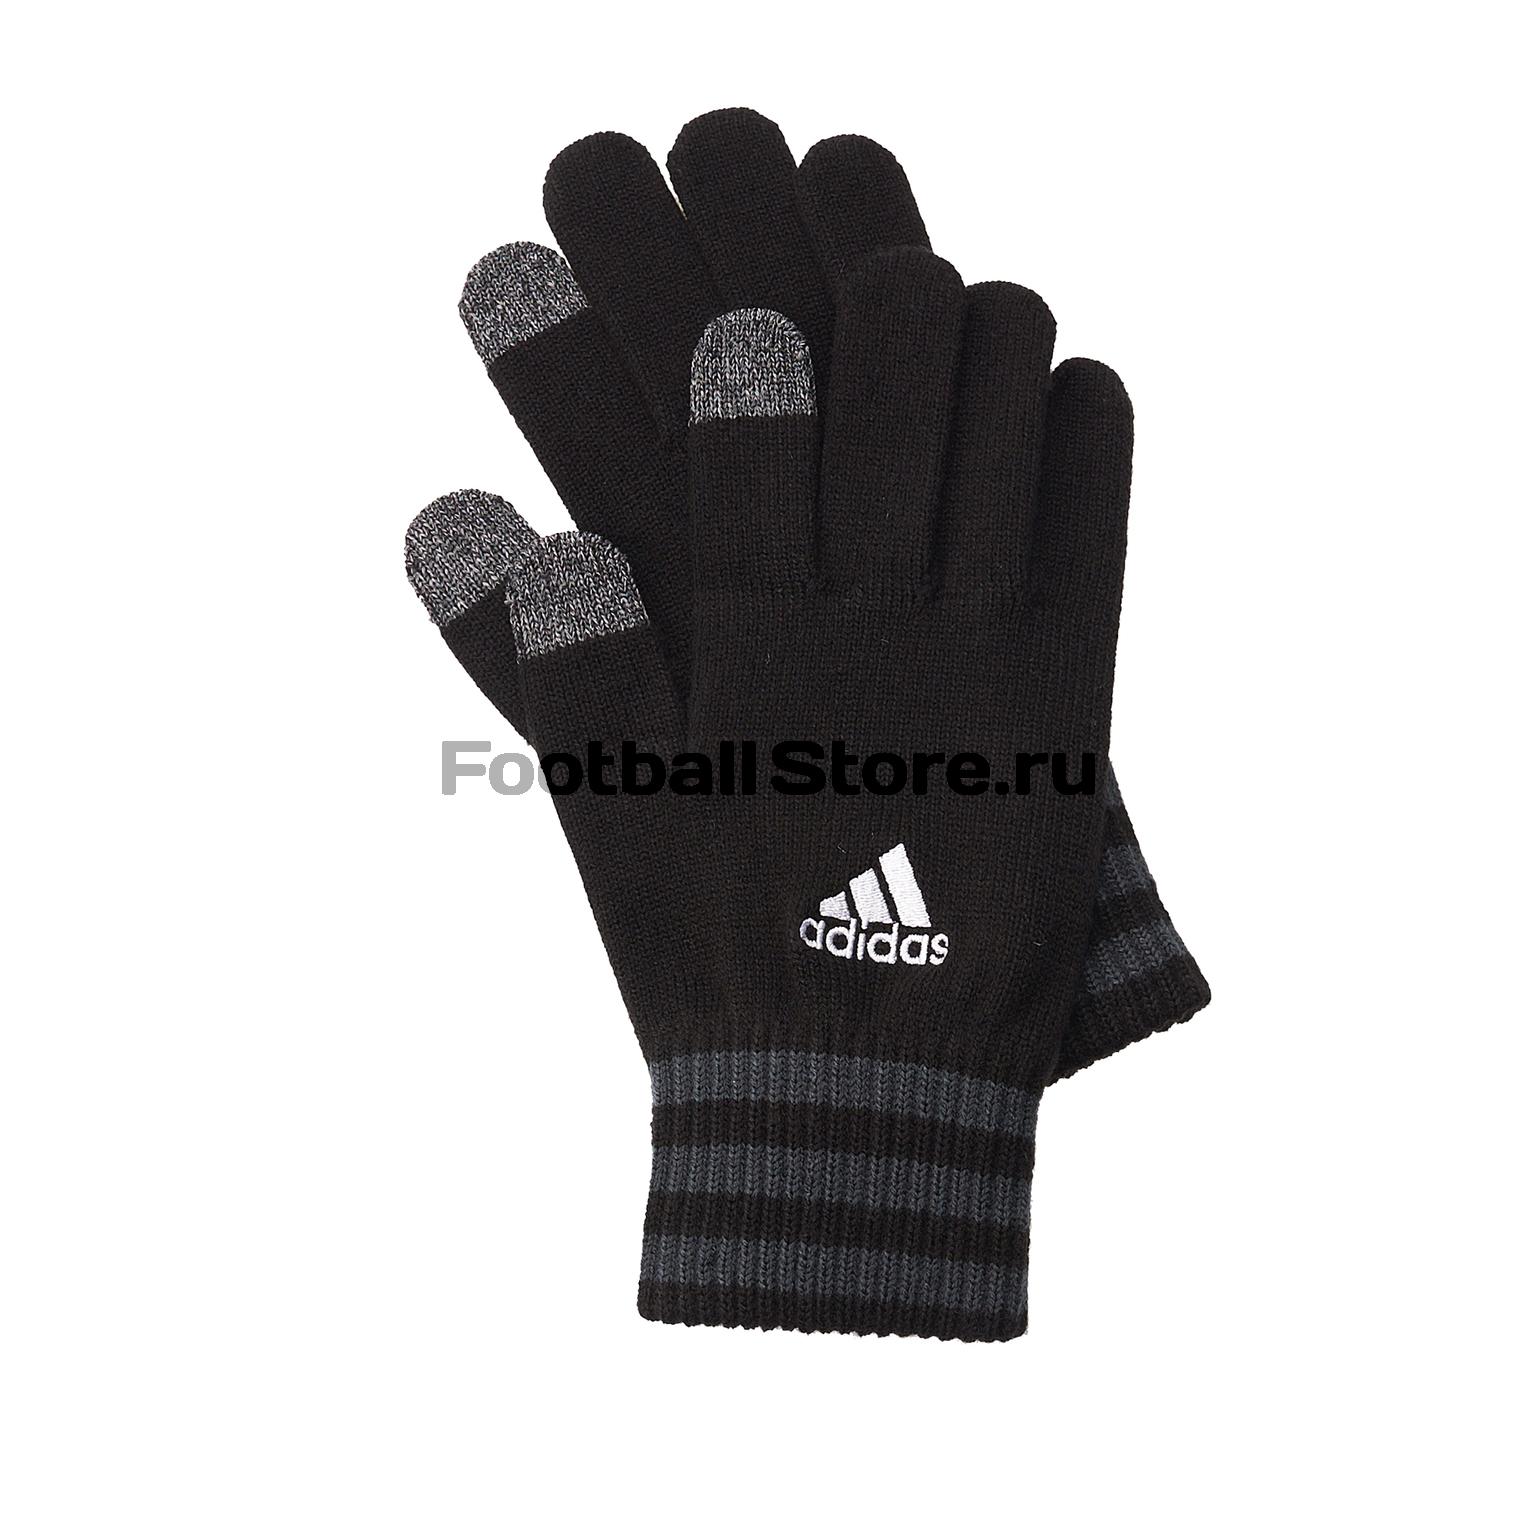 Перчатки тренировочные Adidas Tiro Glove B46135 цена